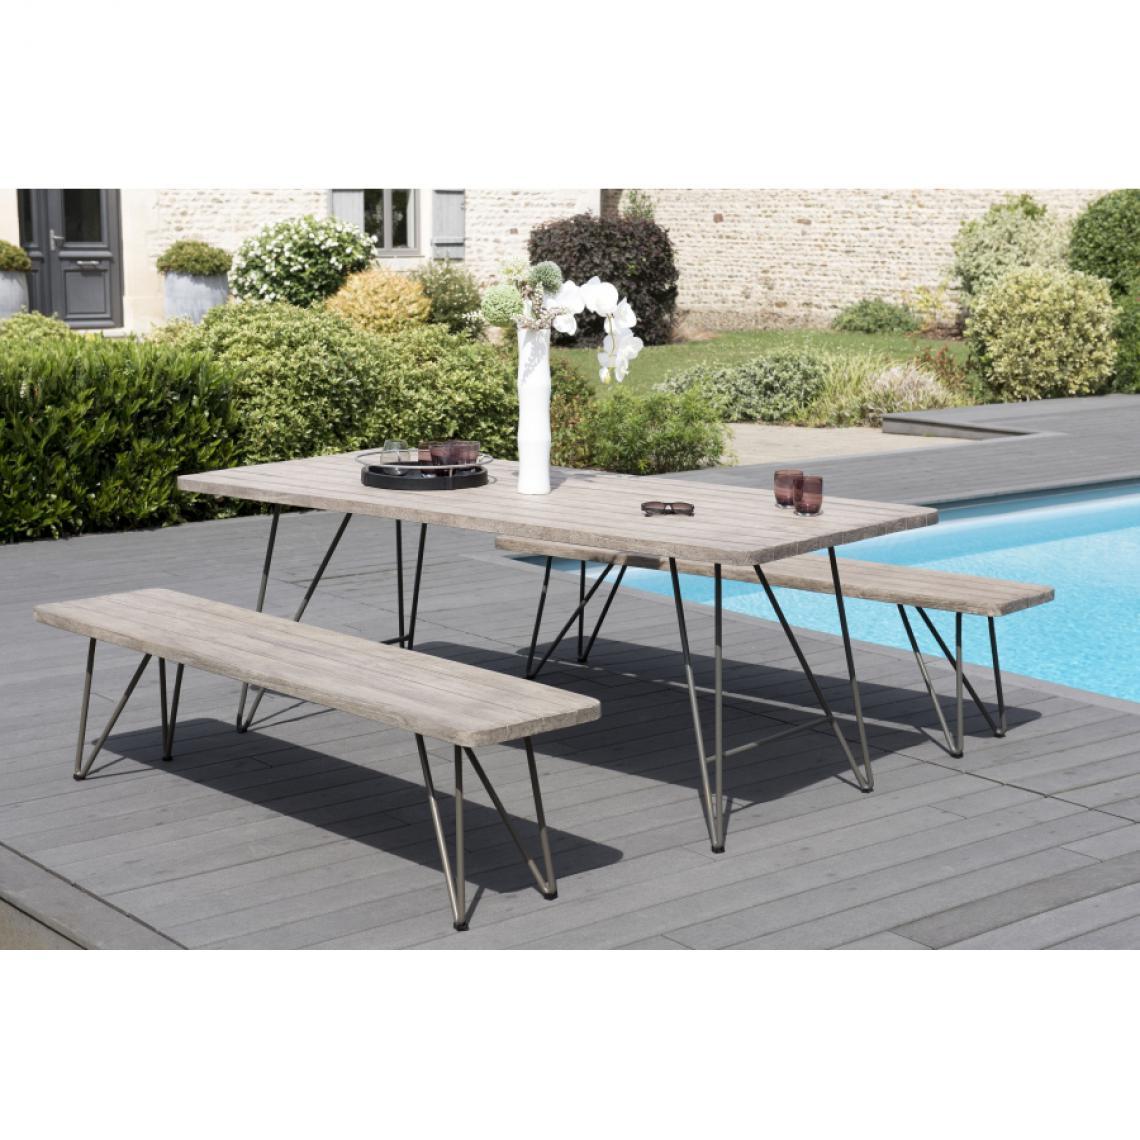 salon de jardin en bois teck grise 6 8 pers ensemble de jardin 1 table rectangulaire 200 90 cm et 2 bancs scandi pieds metal